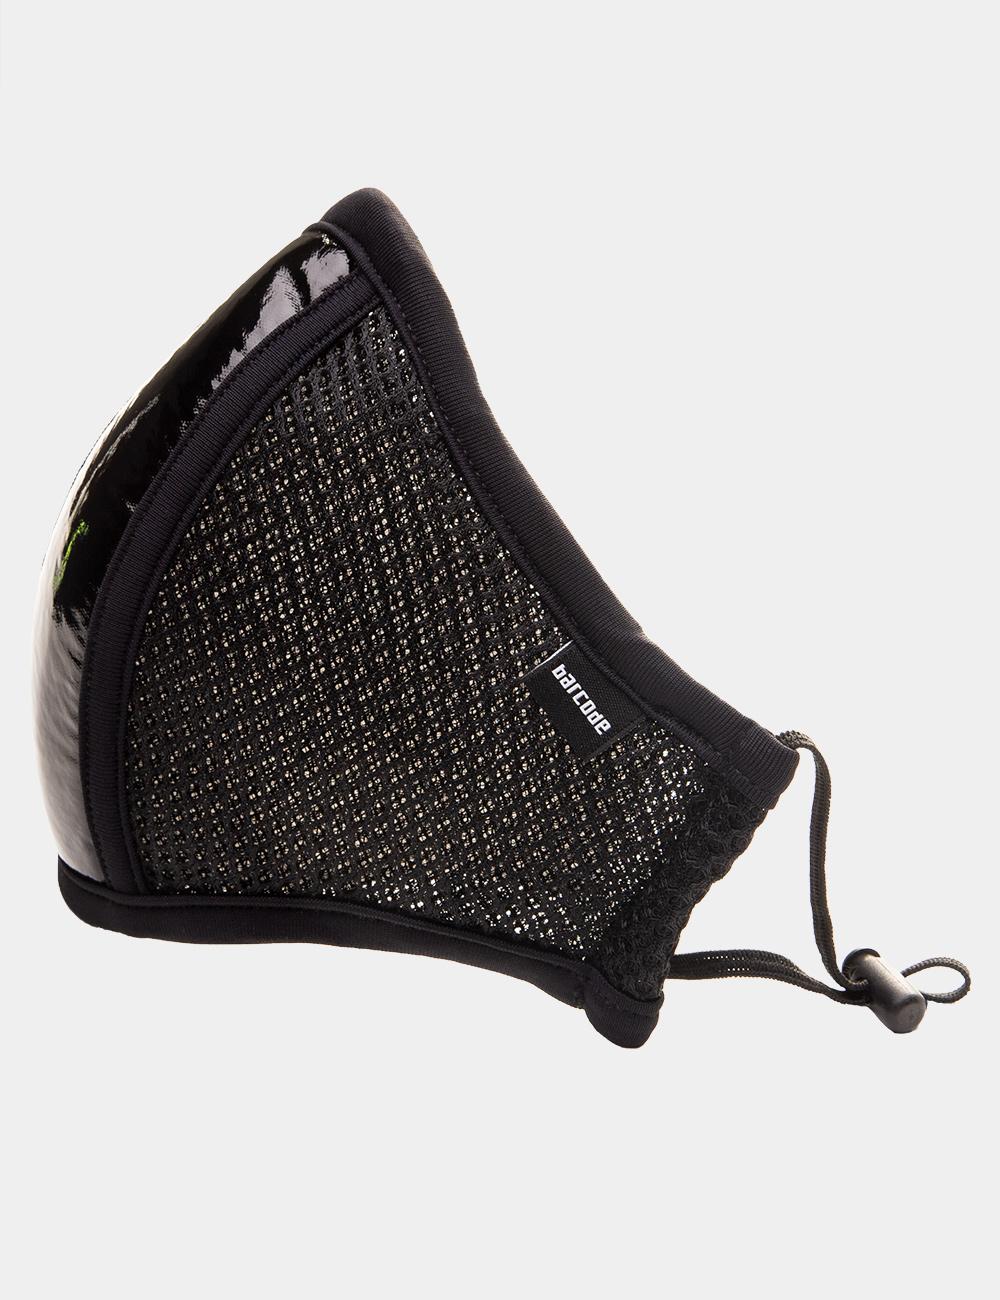 BC 91807 black-shinie OS Mask Lieutenant Skyler